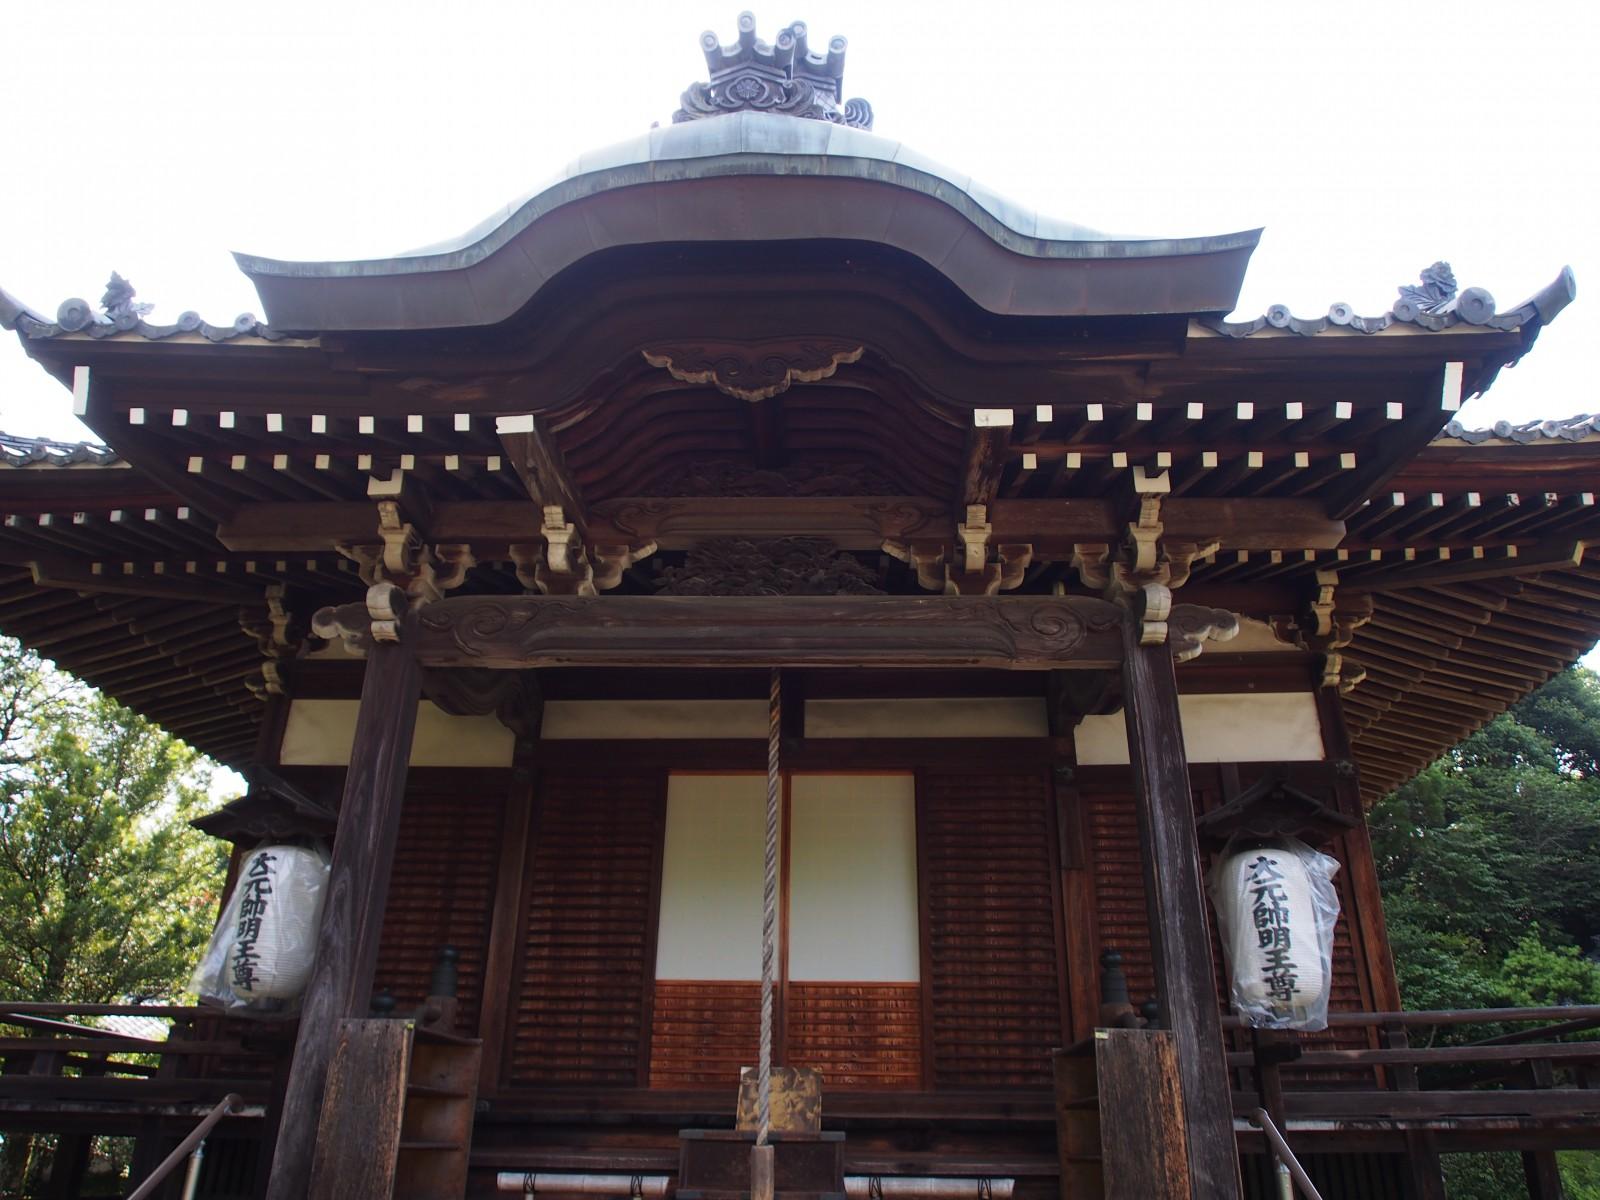 秋篠寺大元堂